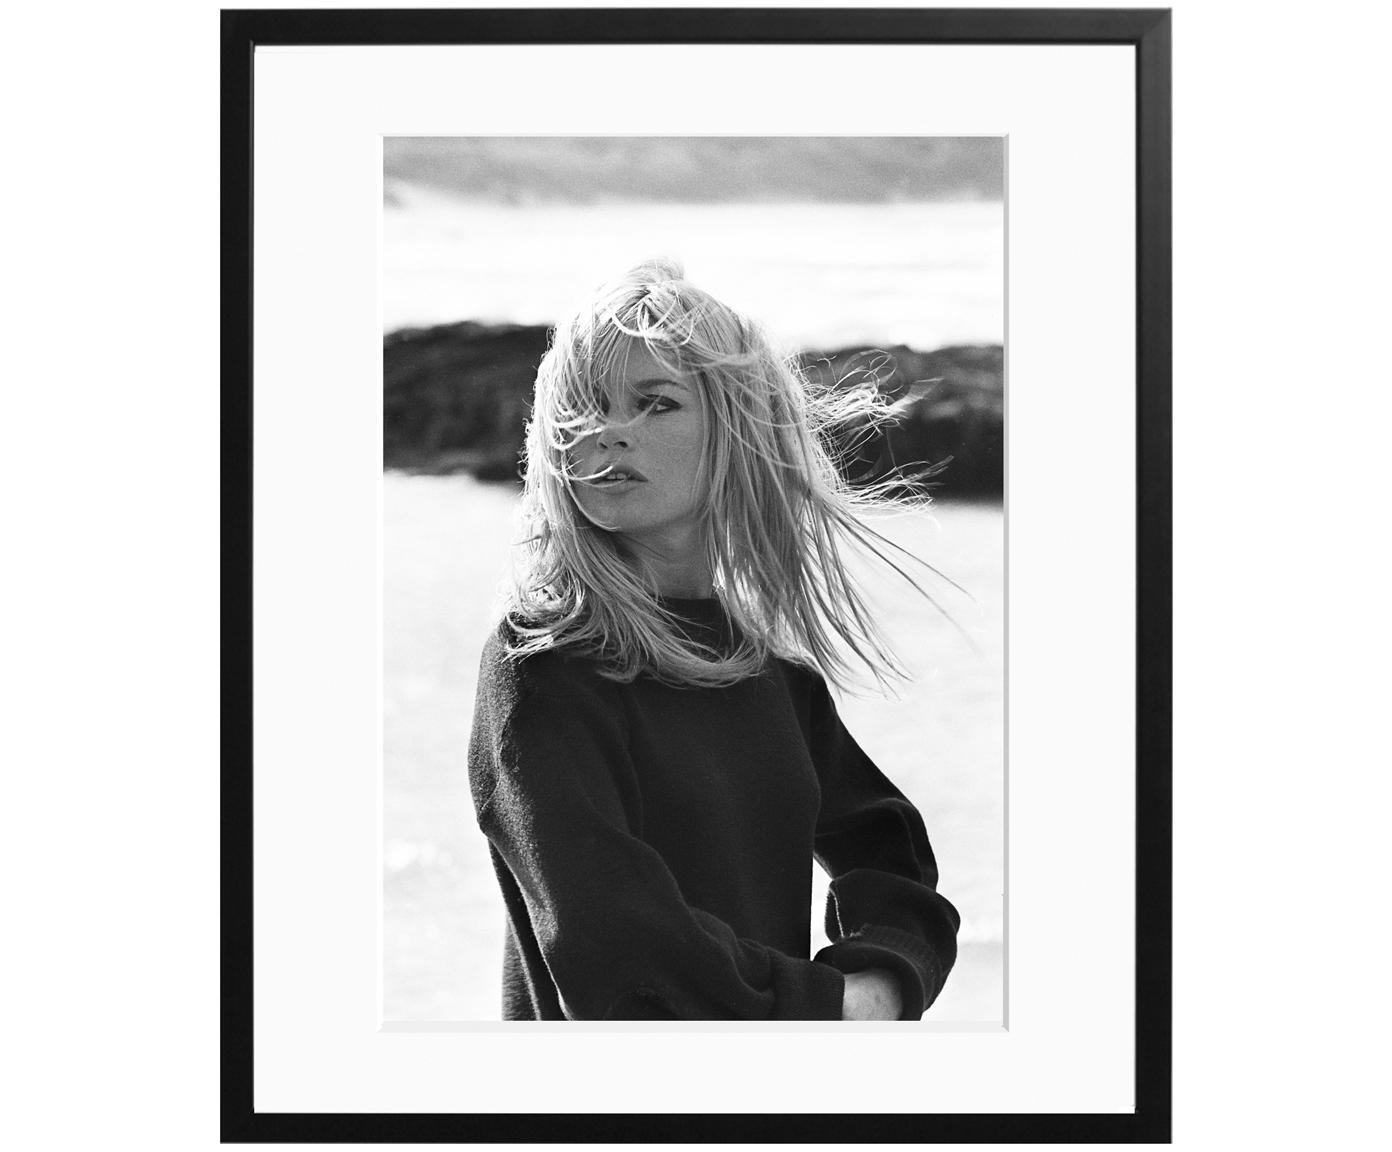 Oprawiona fotografia Bardot Poses, Druk: czarny, biały<br>Rama: czarny<br>Front: transparentny, 50 x 60 cm